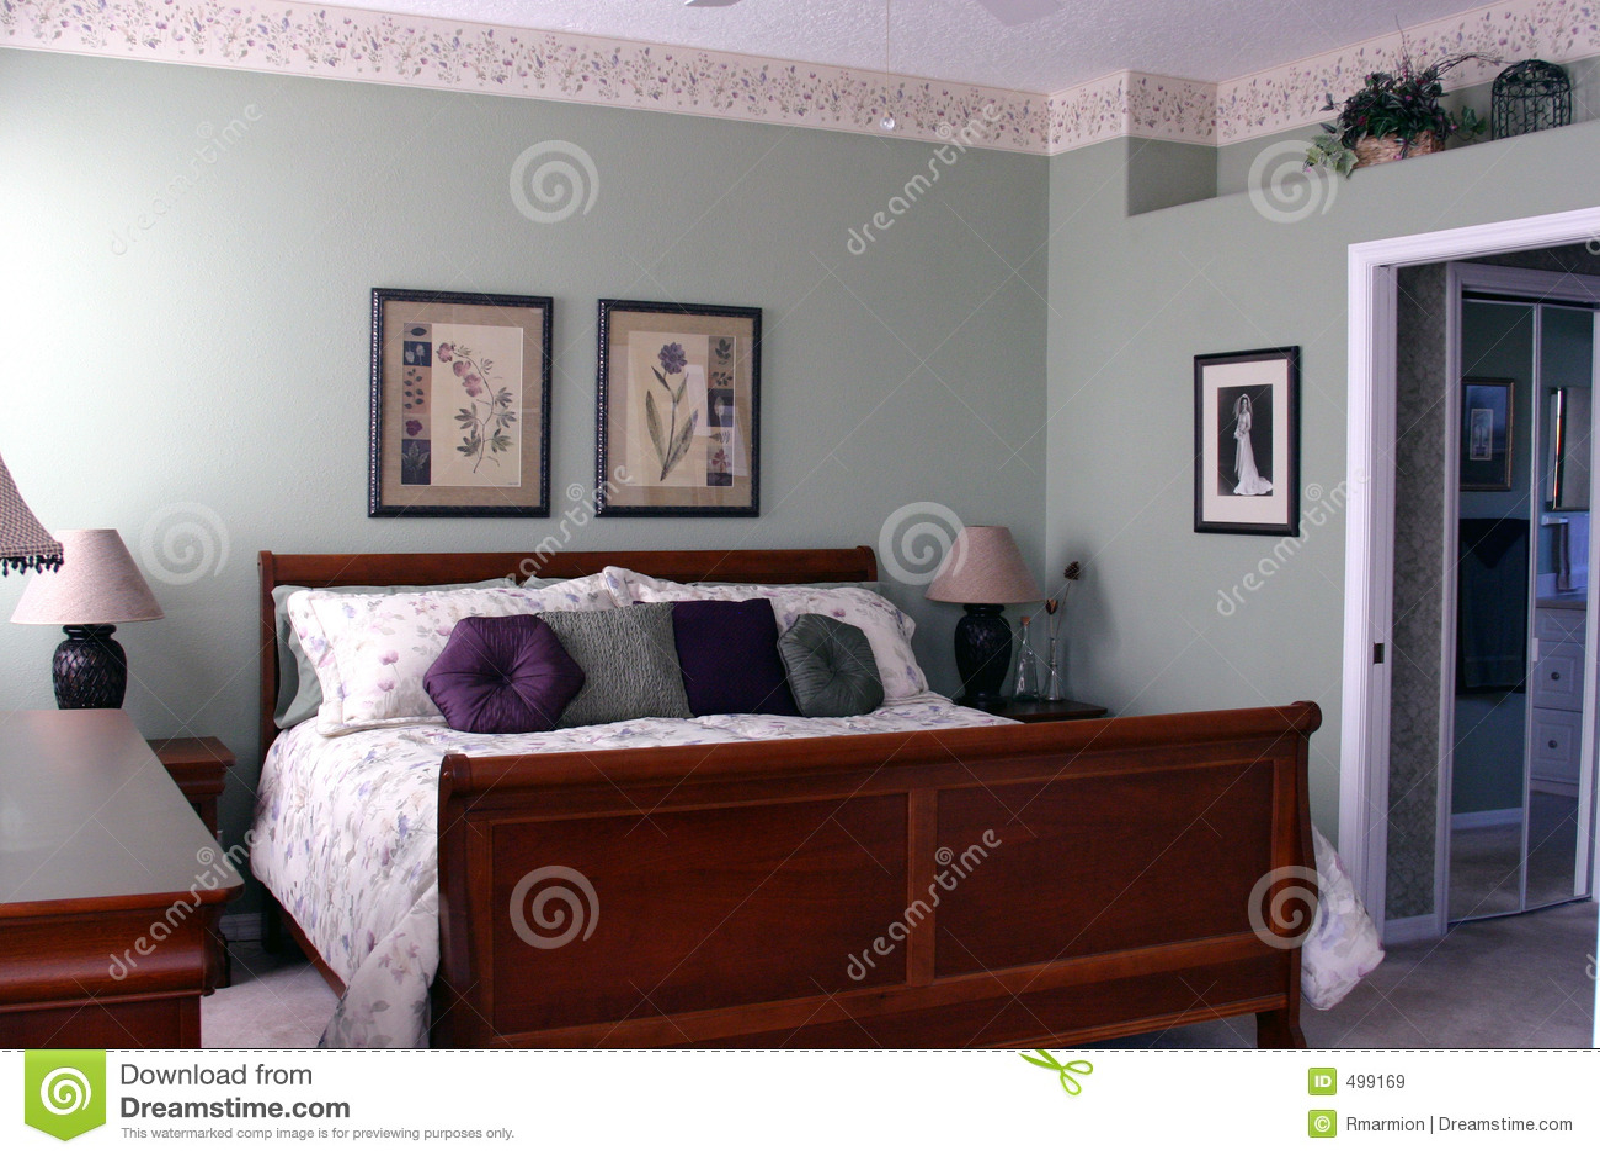 Dormitorio principal moderno im genes de archivo libres de for Dormitorio principal